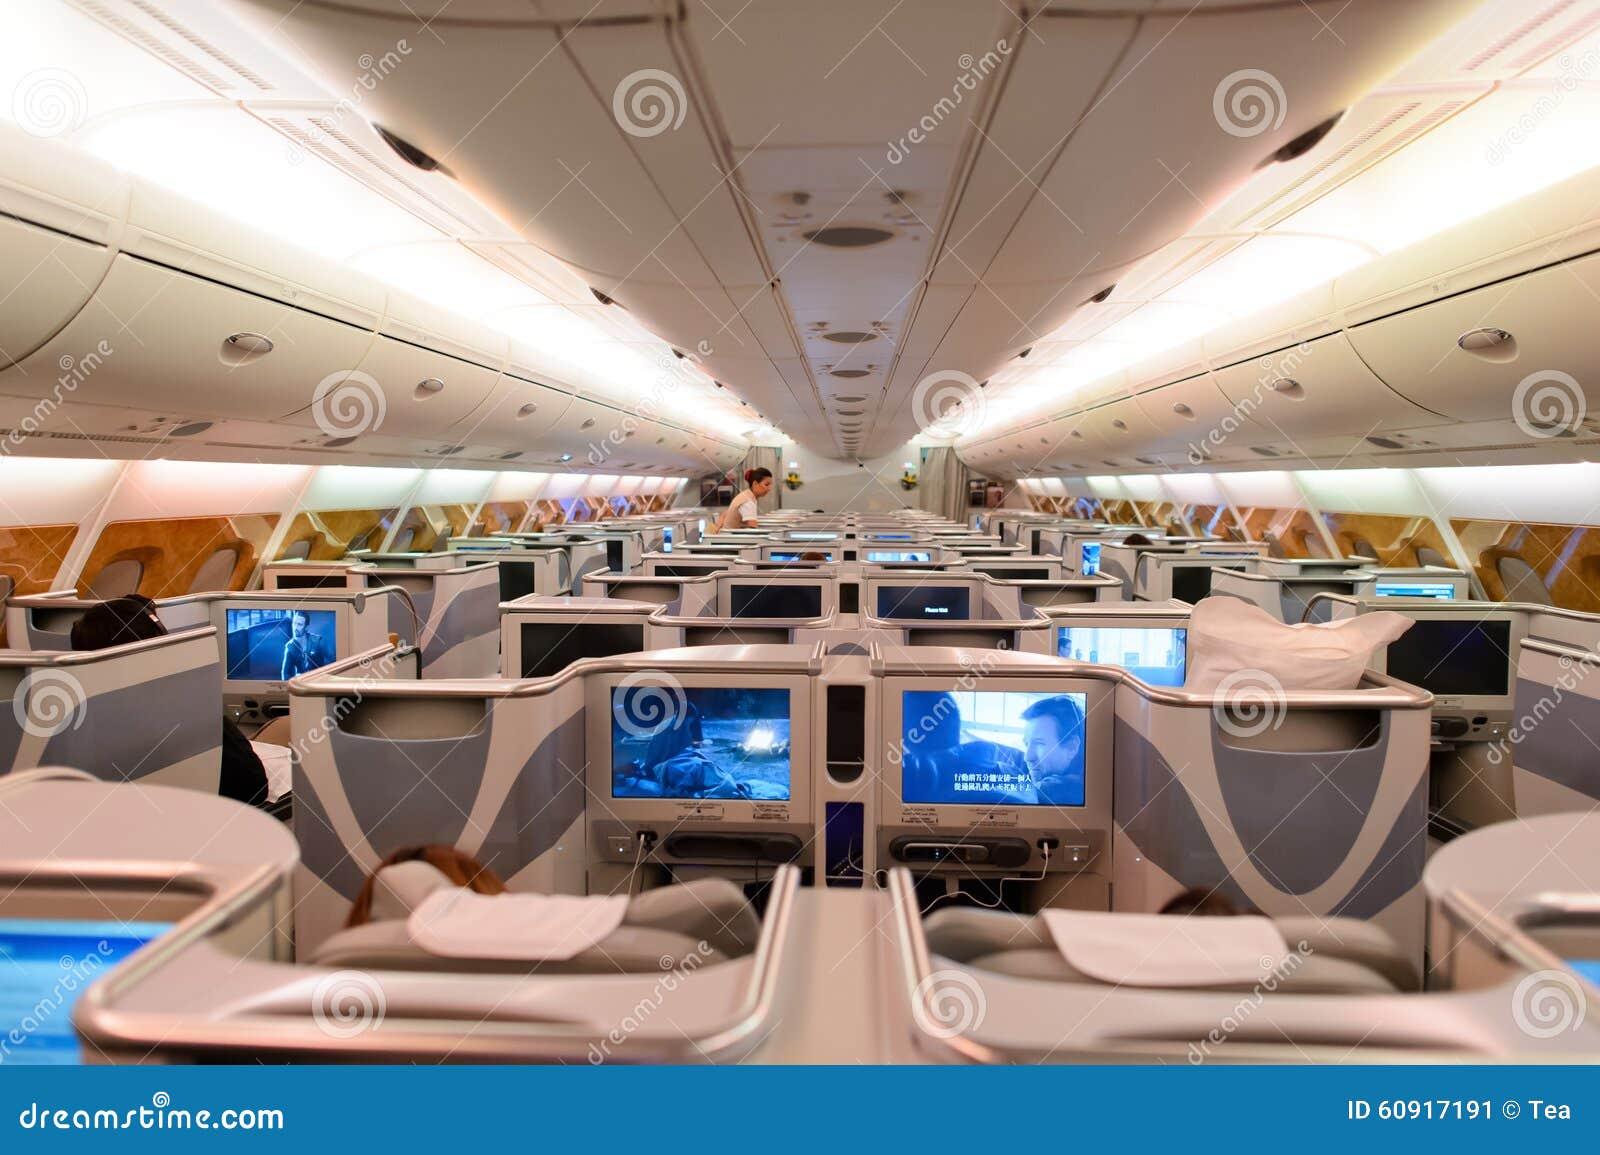 eminem a380 airbus interior - photo #5